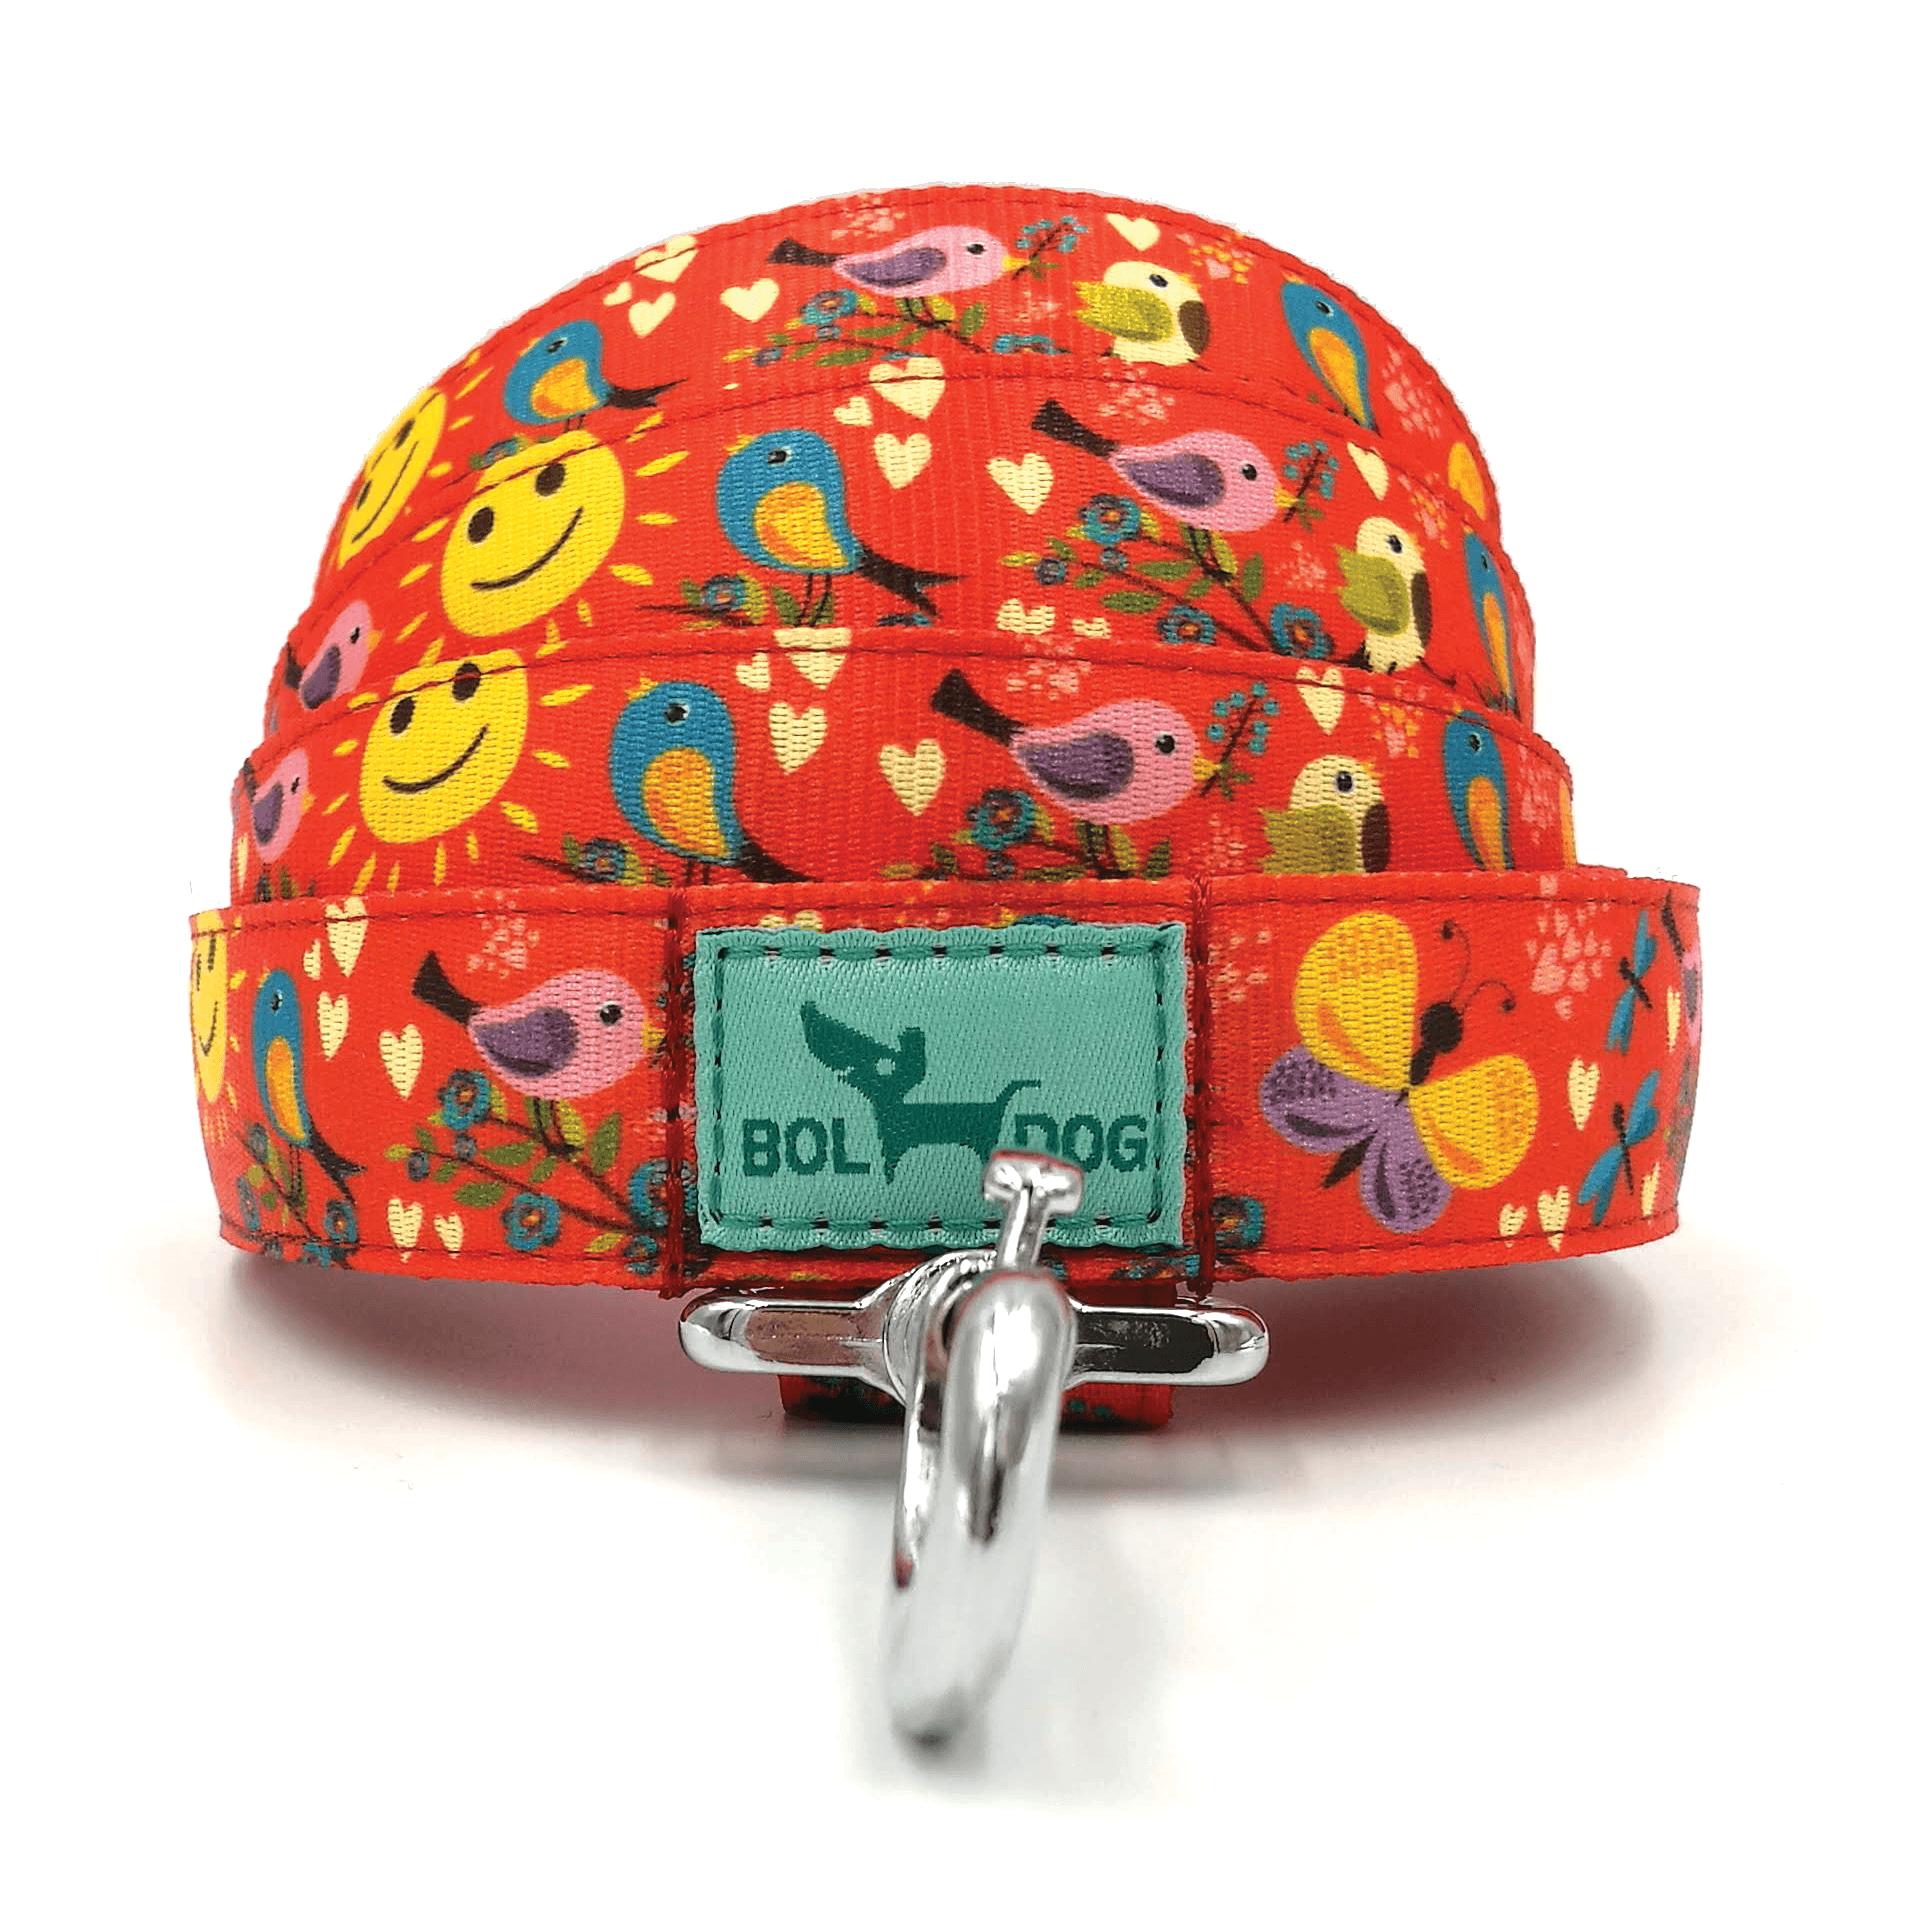 Madár mintás narancs textil kutya póráz Bol-Dog